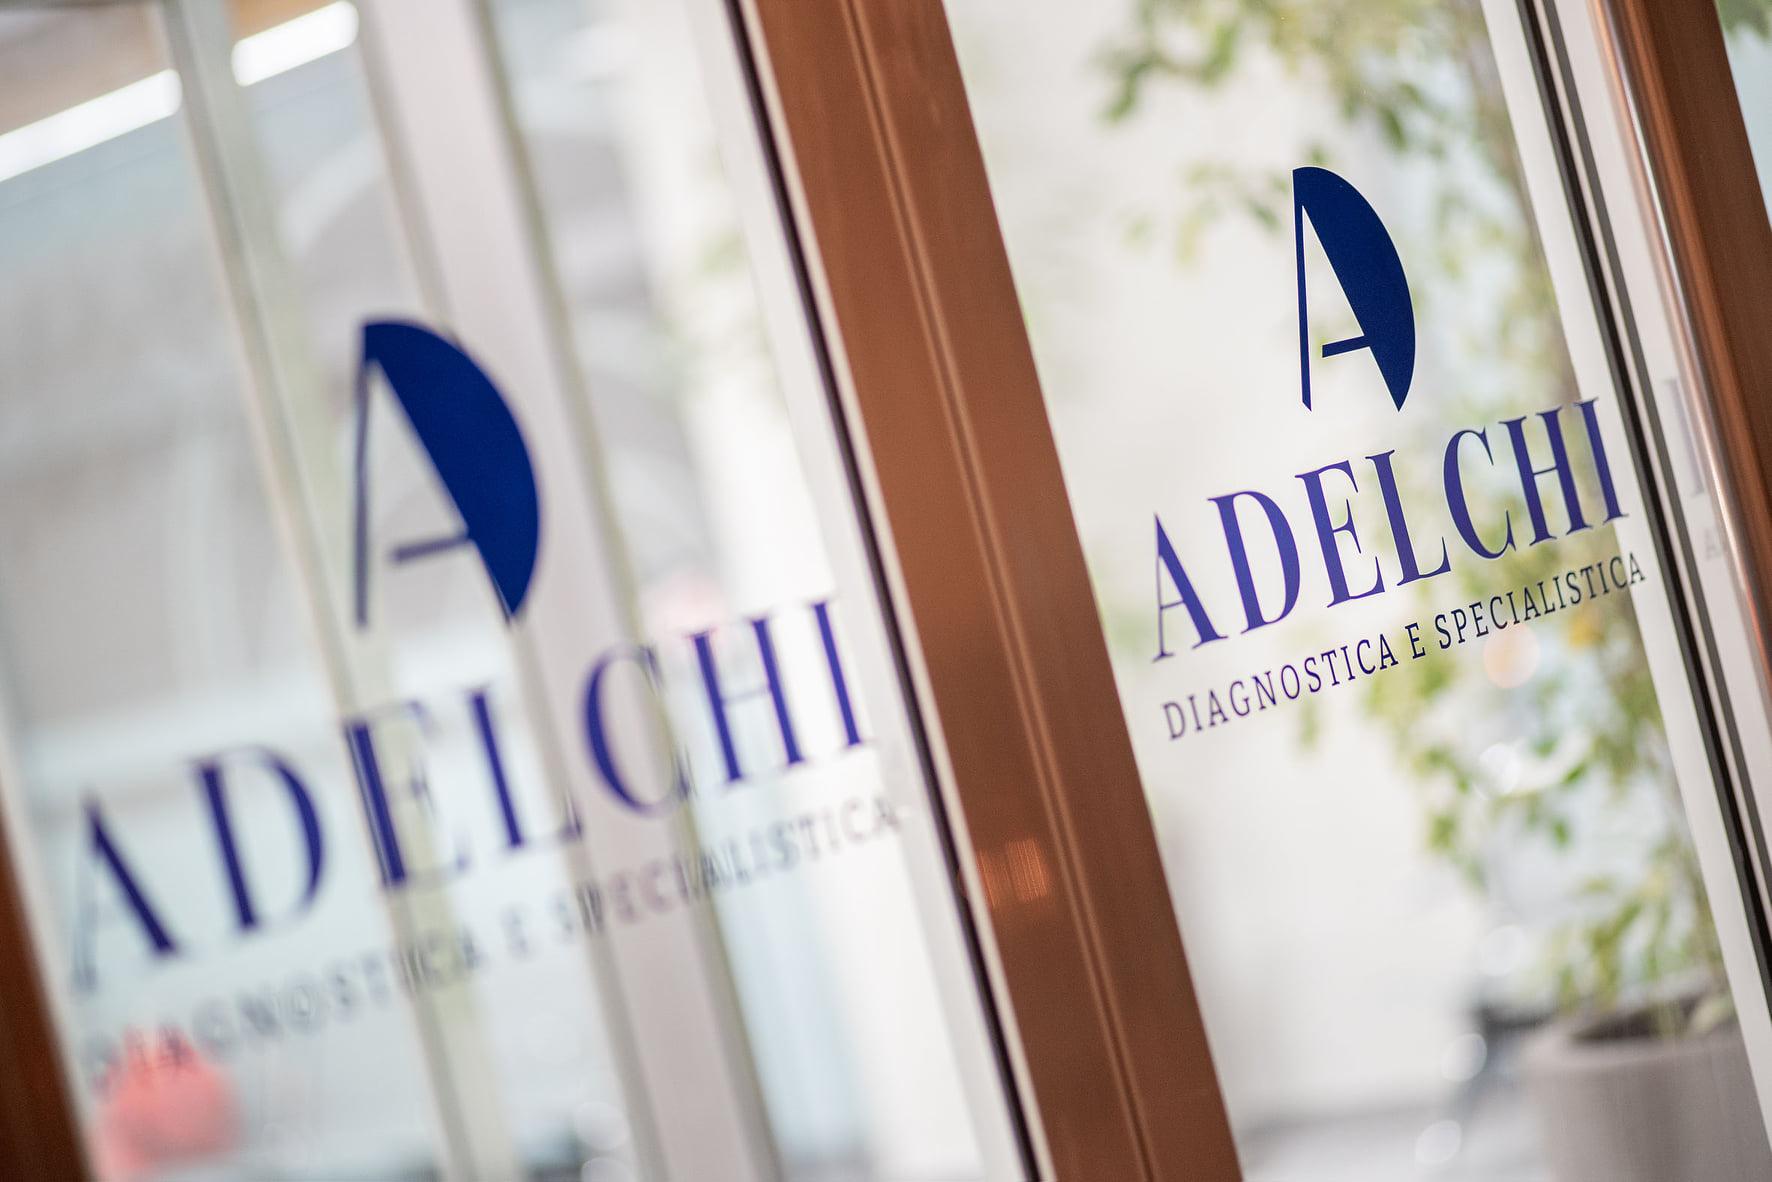 Apre Adelchi